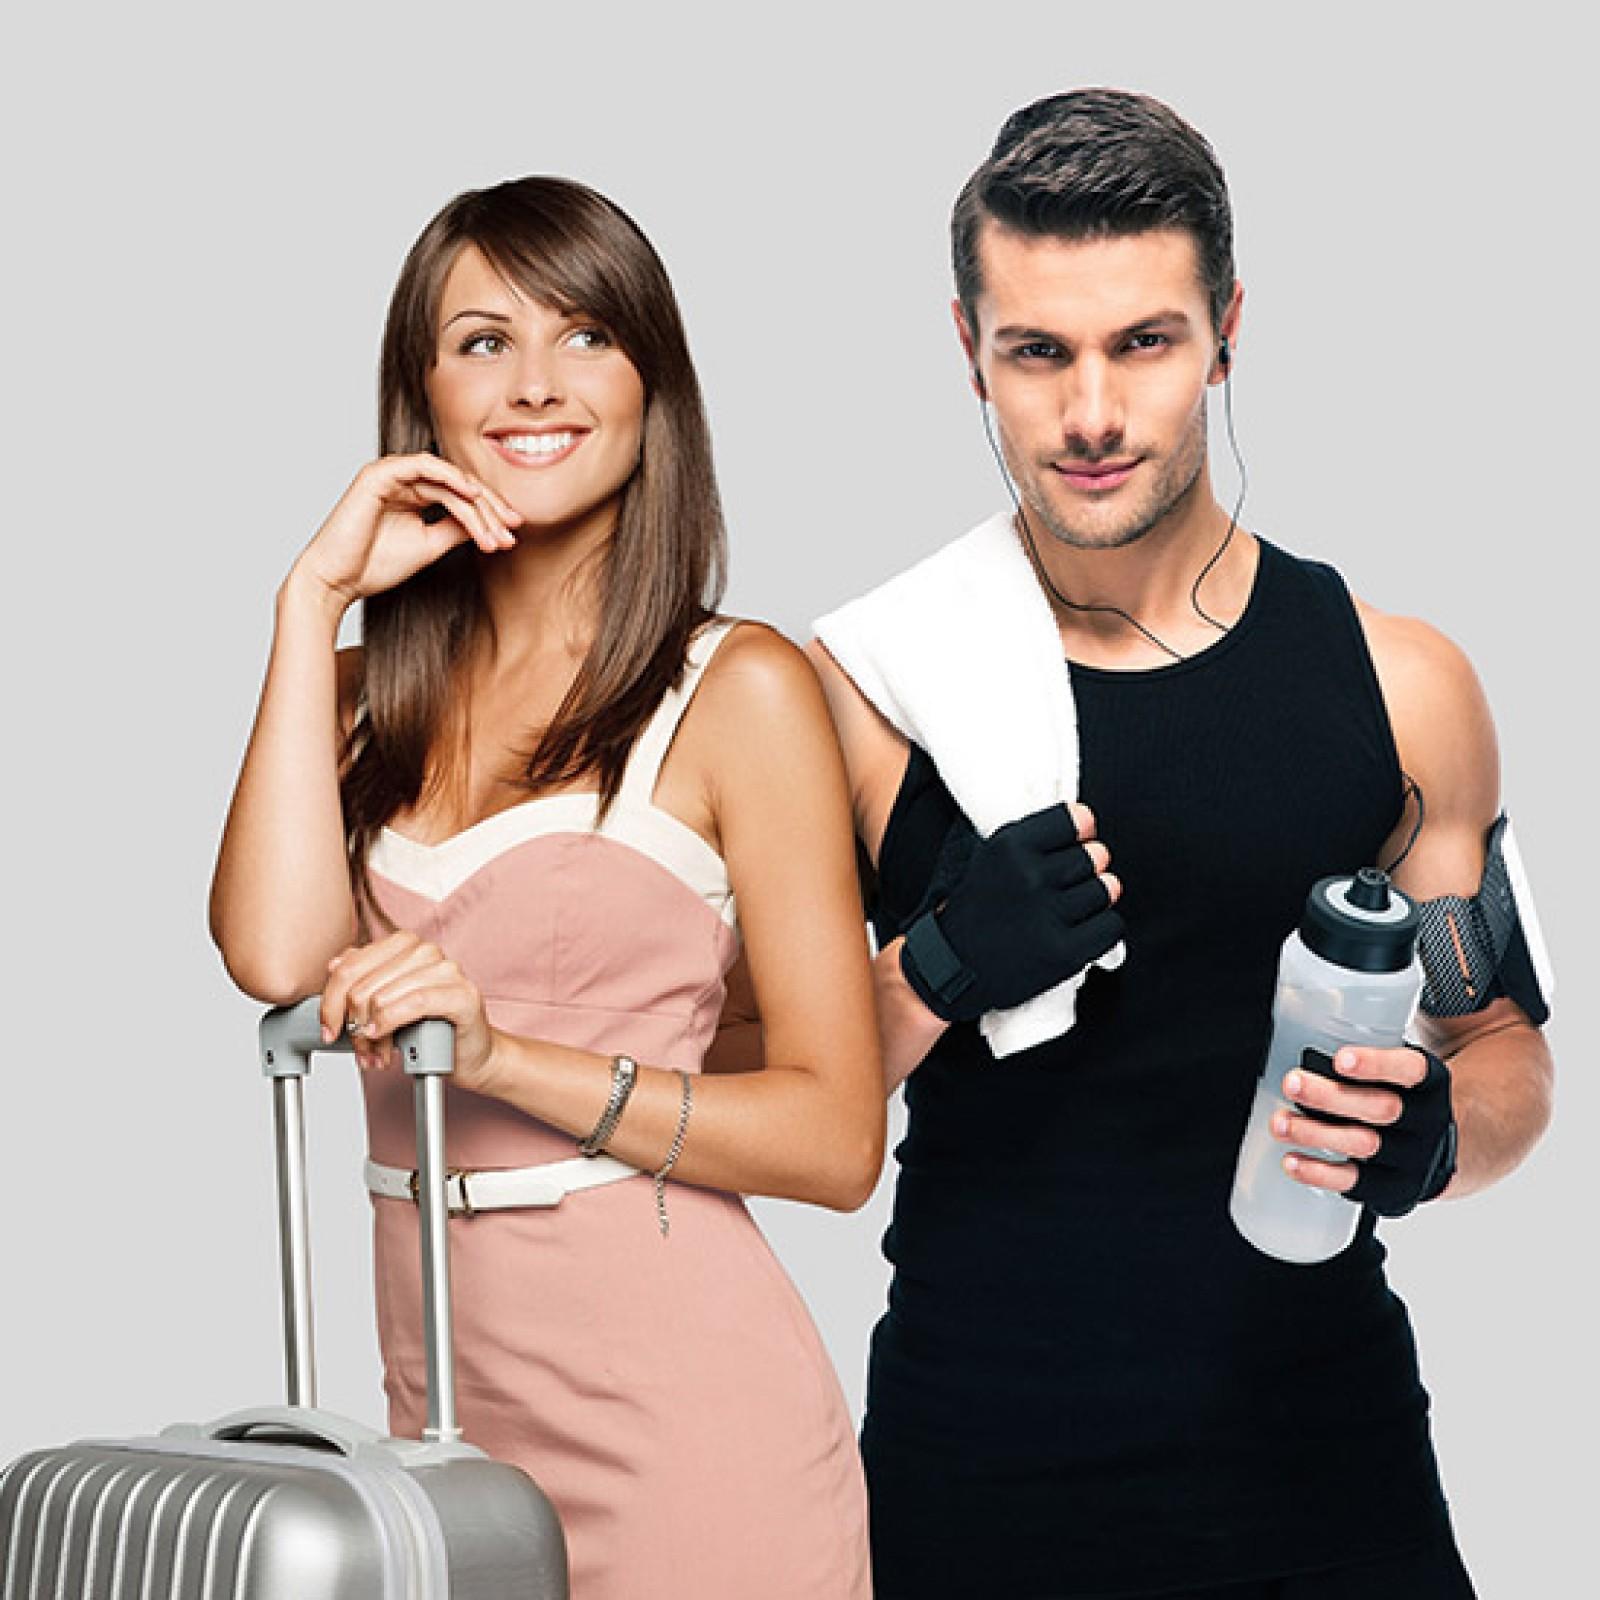 Ideale per viaggi e fitness